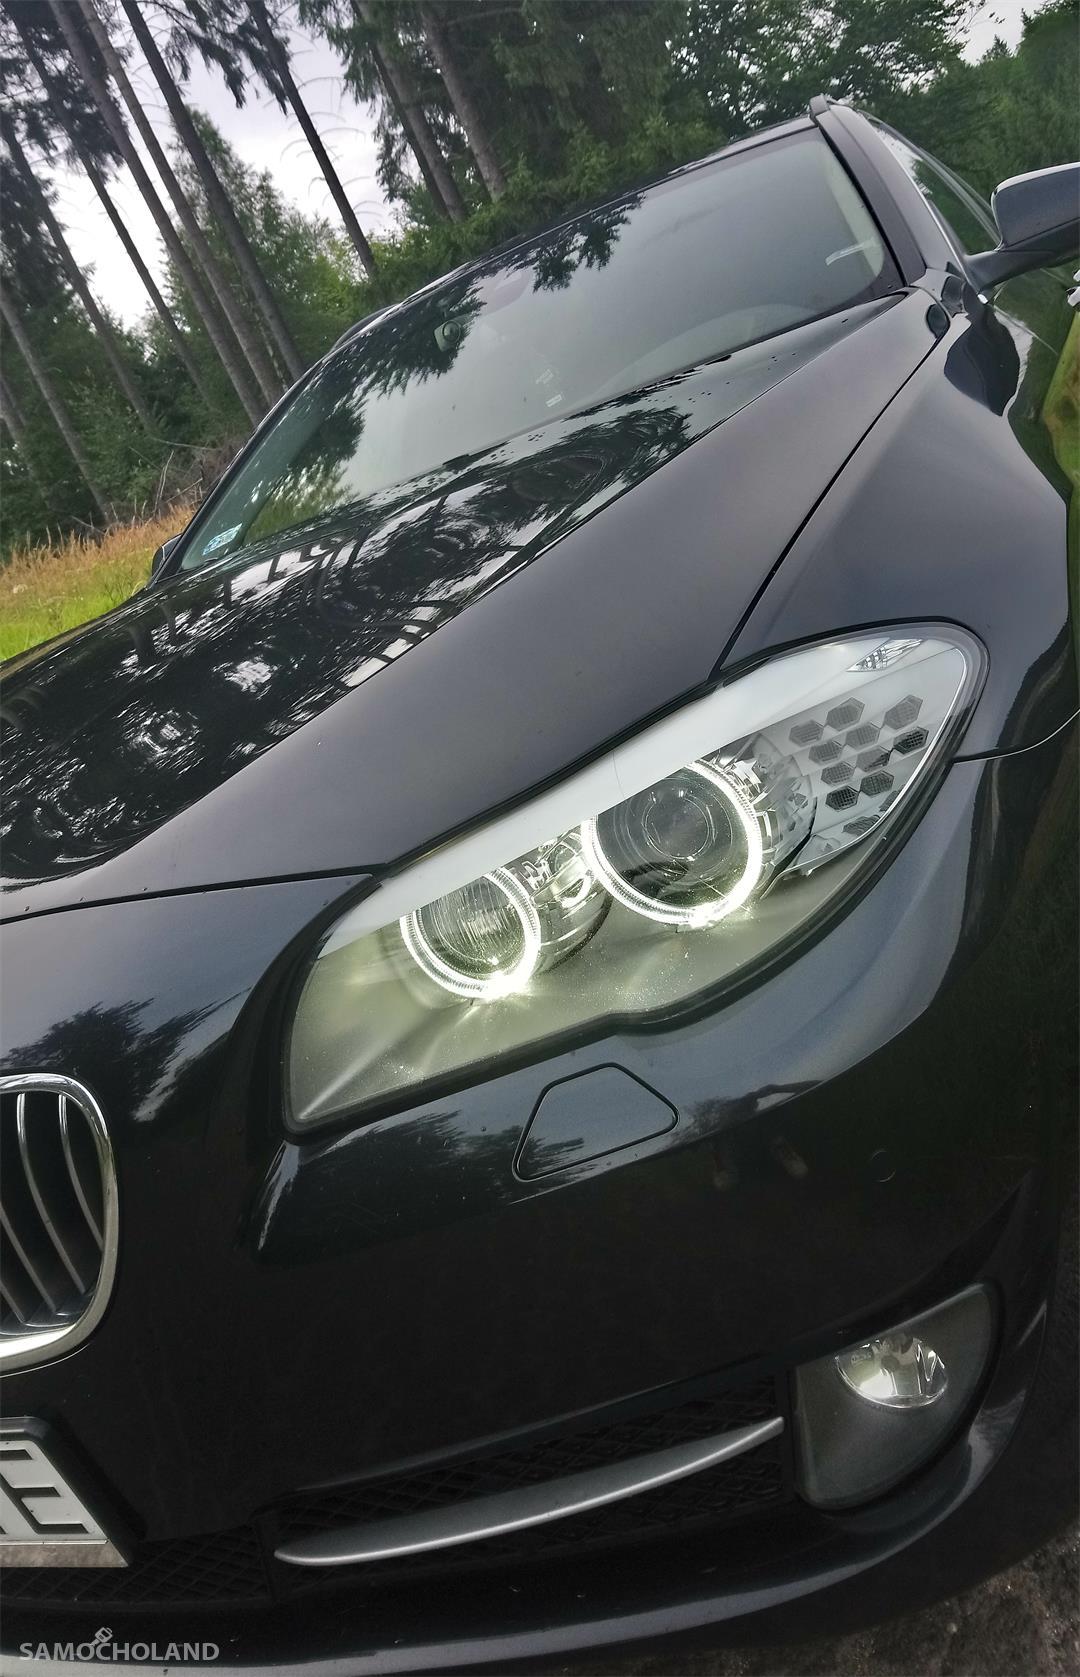 BMW Seria 5 F10 (2009-) BMW F11 kupiony w Salonie DEKRA, ASO, pełna historia, prywatny 37